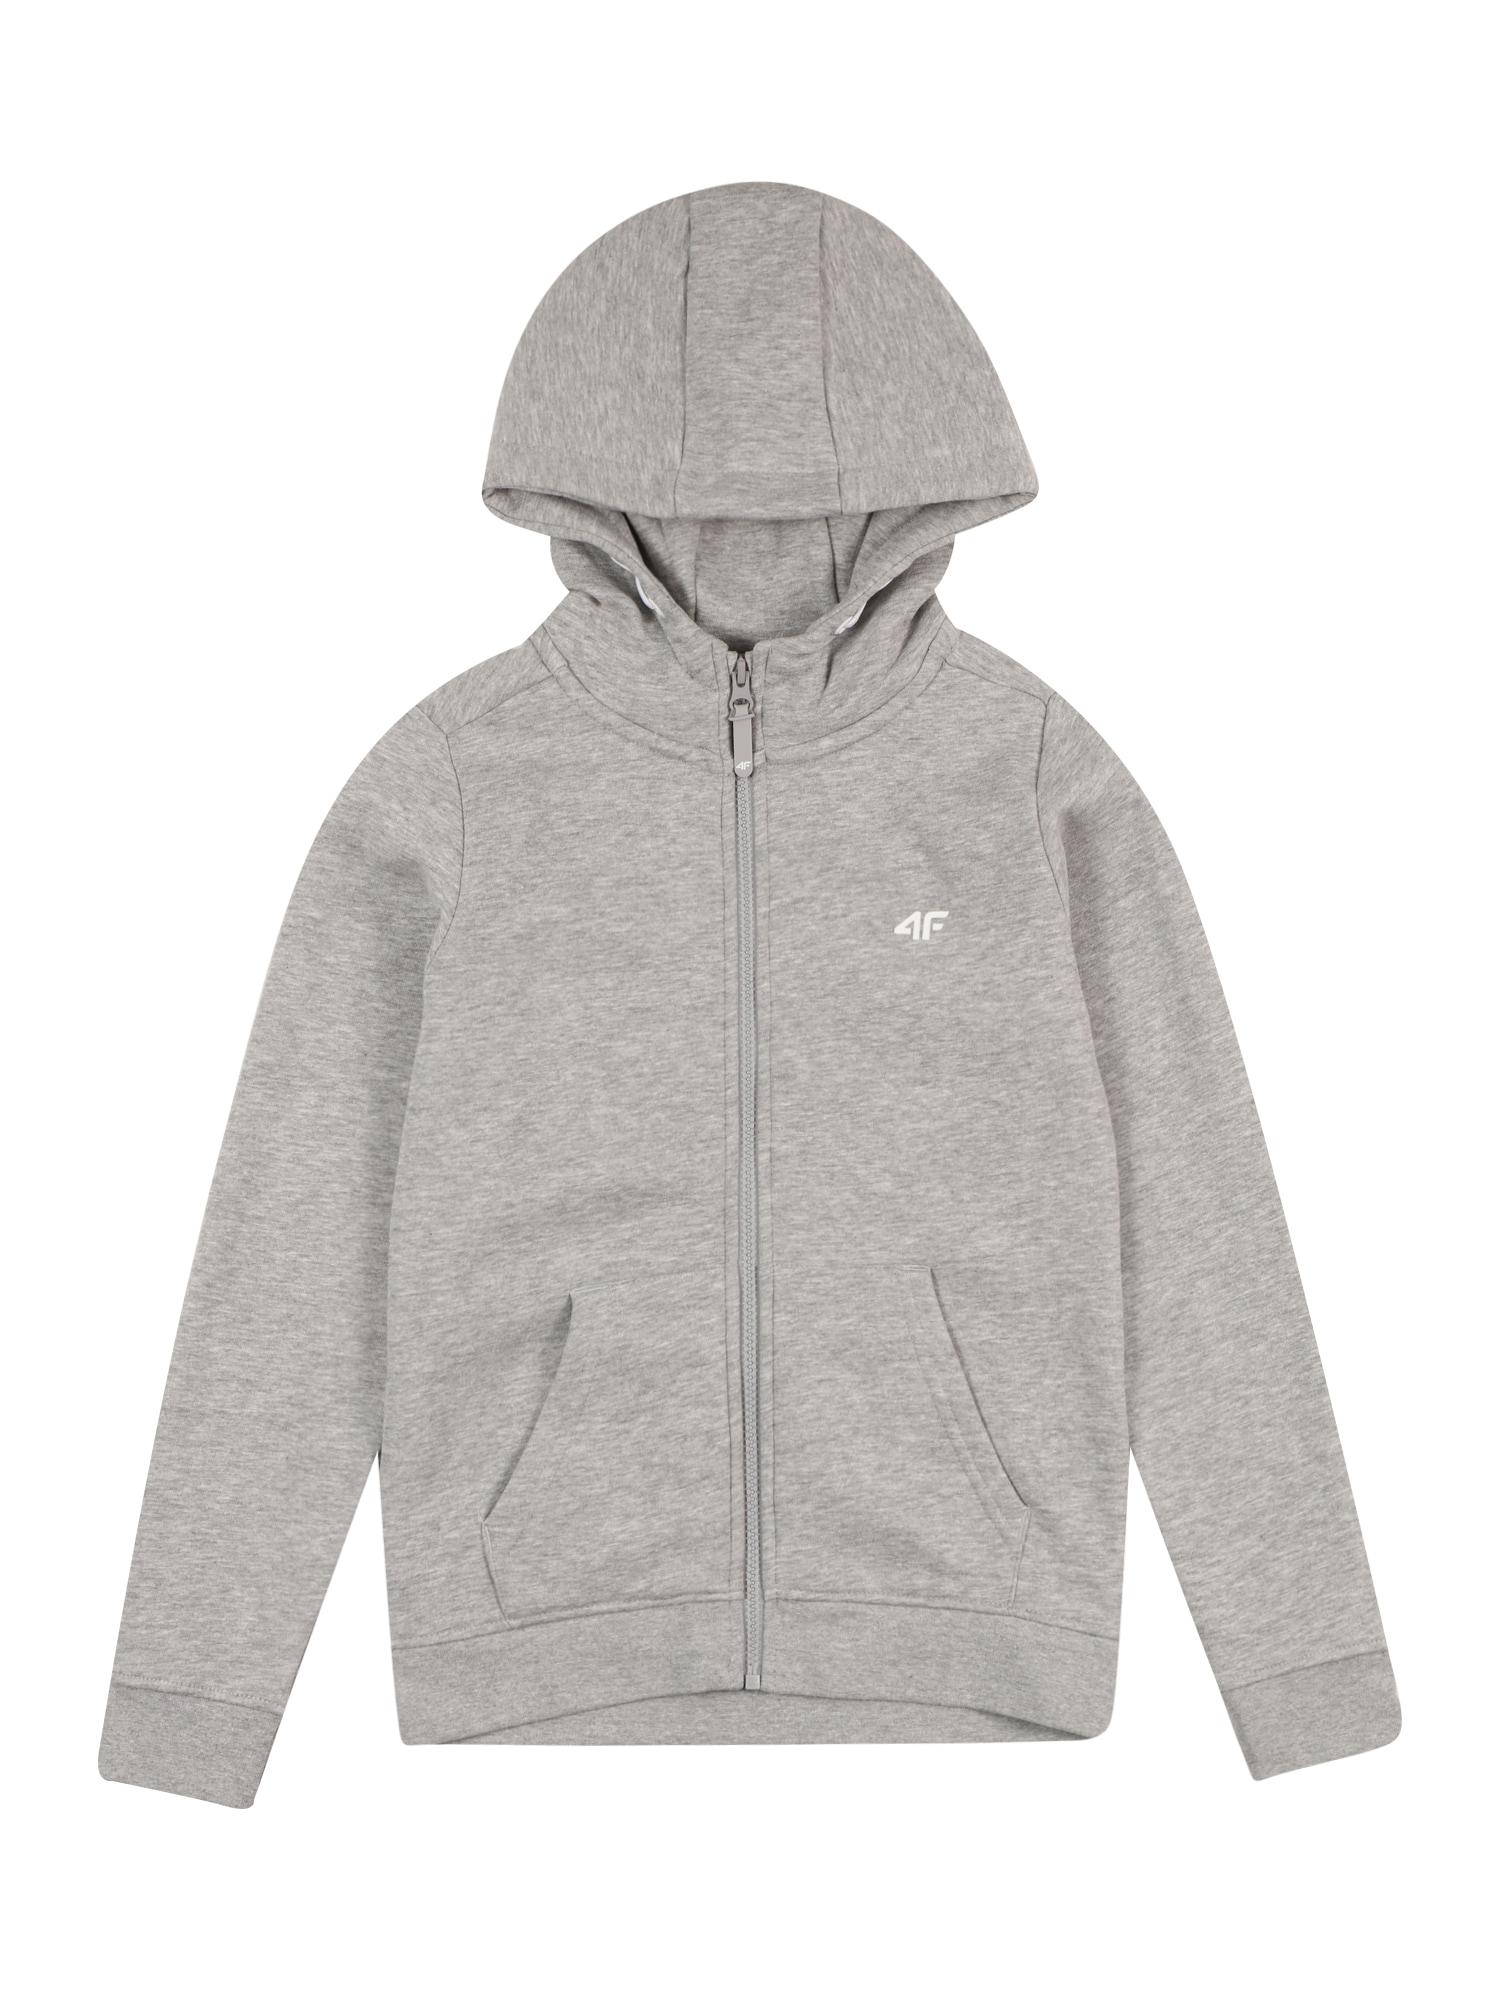 4F Sportinis džemperis margai pilka